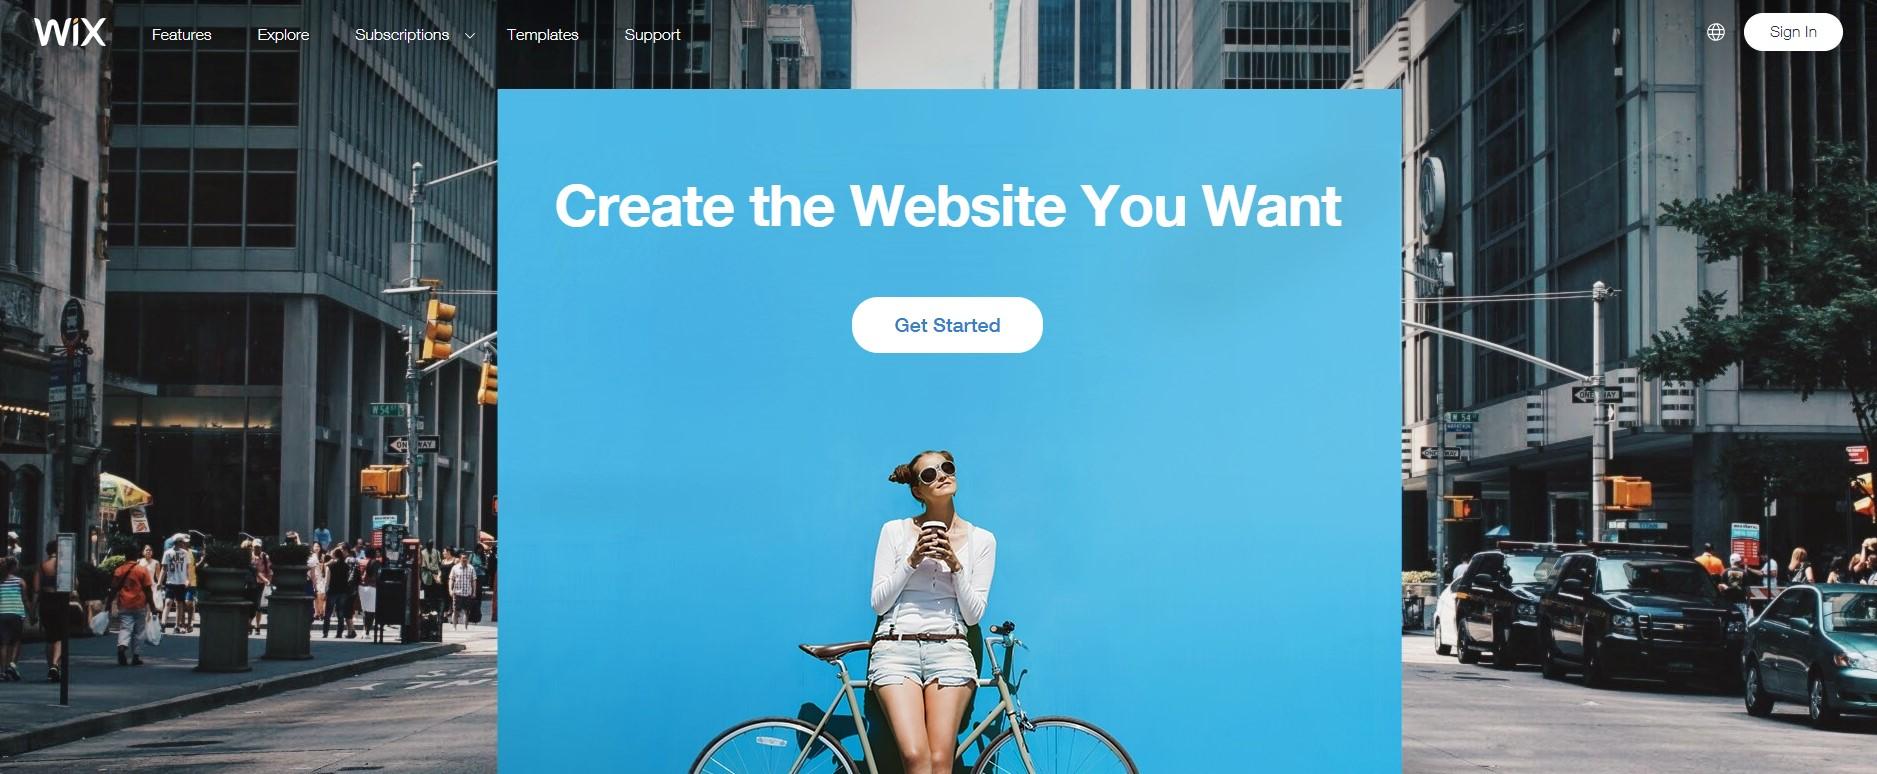 serviço de ciração de websites visualmente wix